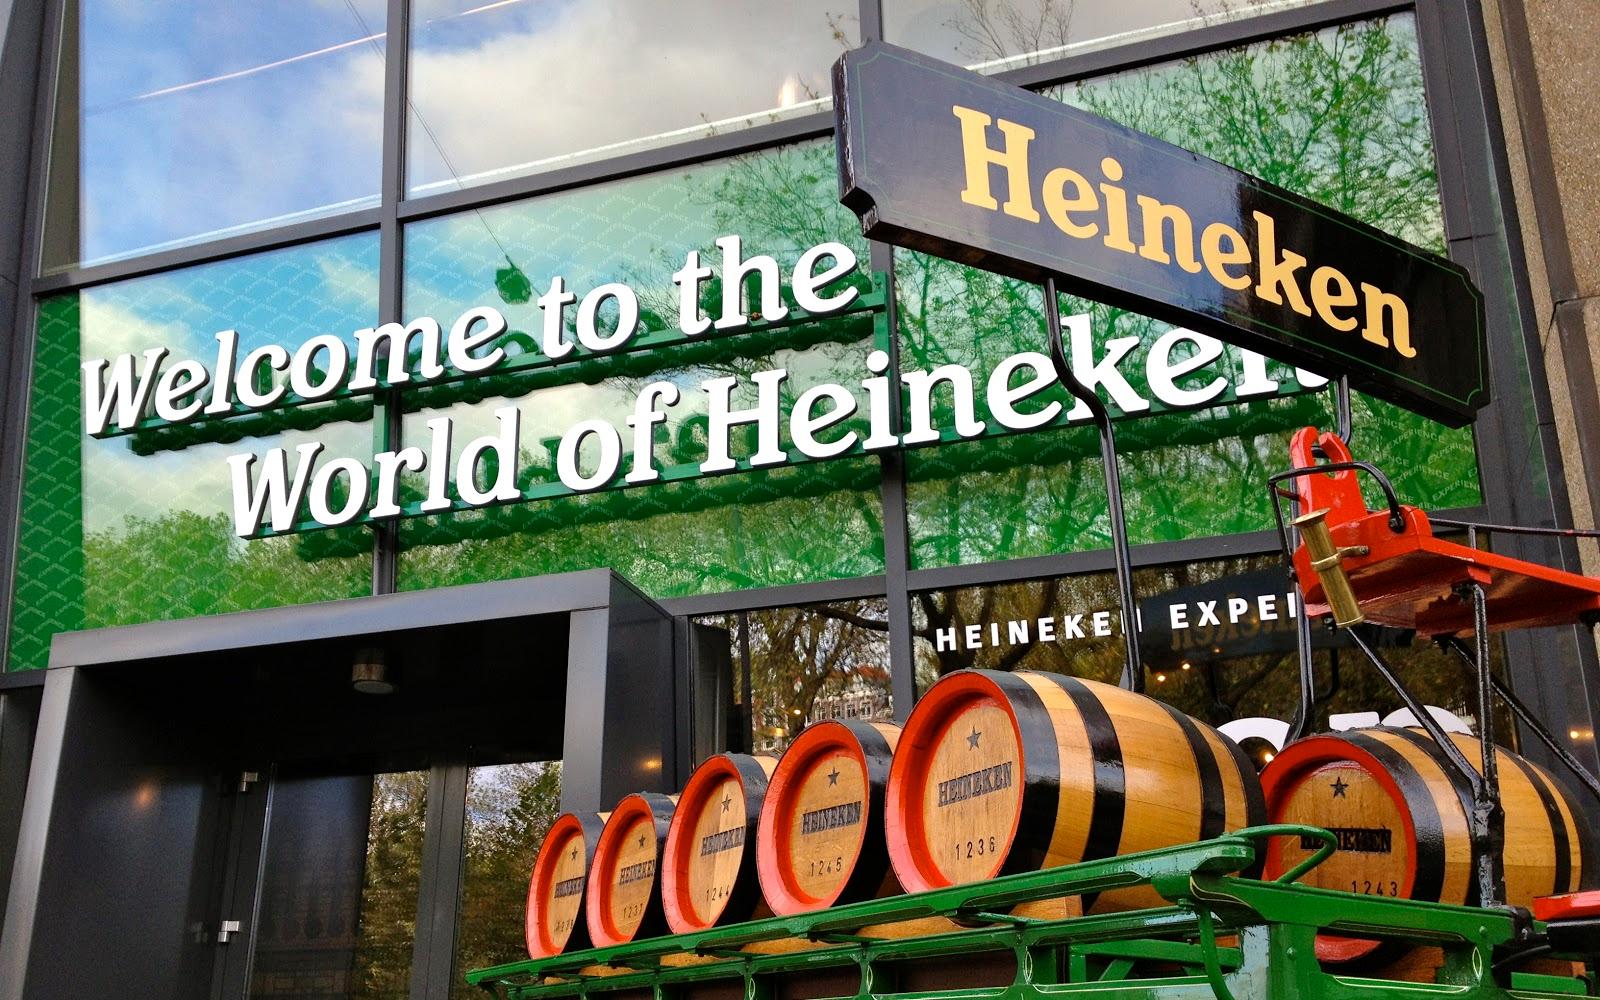 ハイネケンが自社ビール工場の消耗部品製造に3Dプリンターを活用